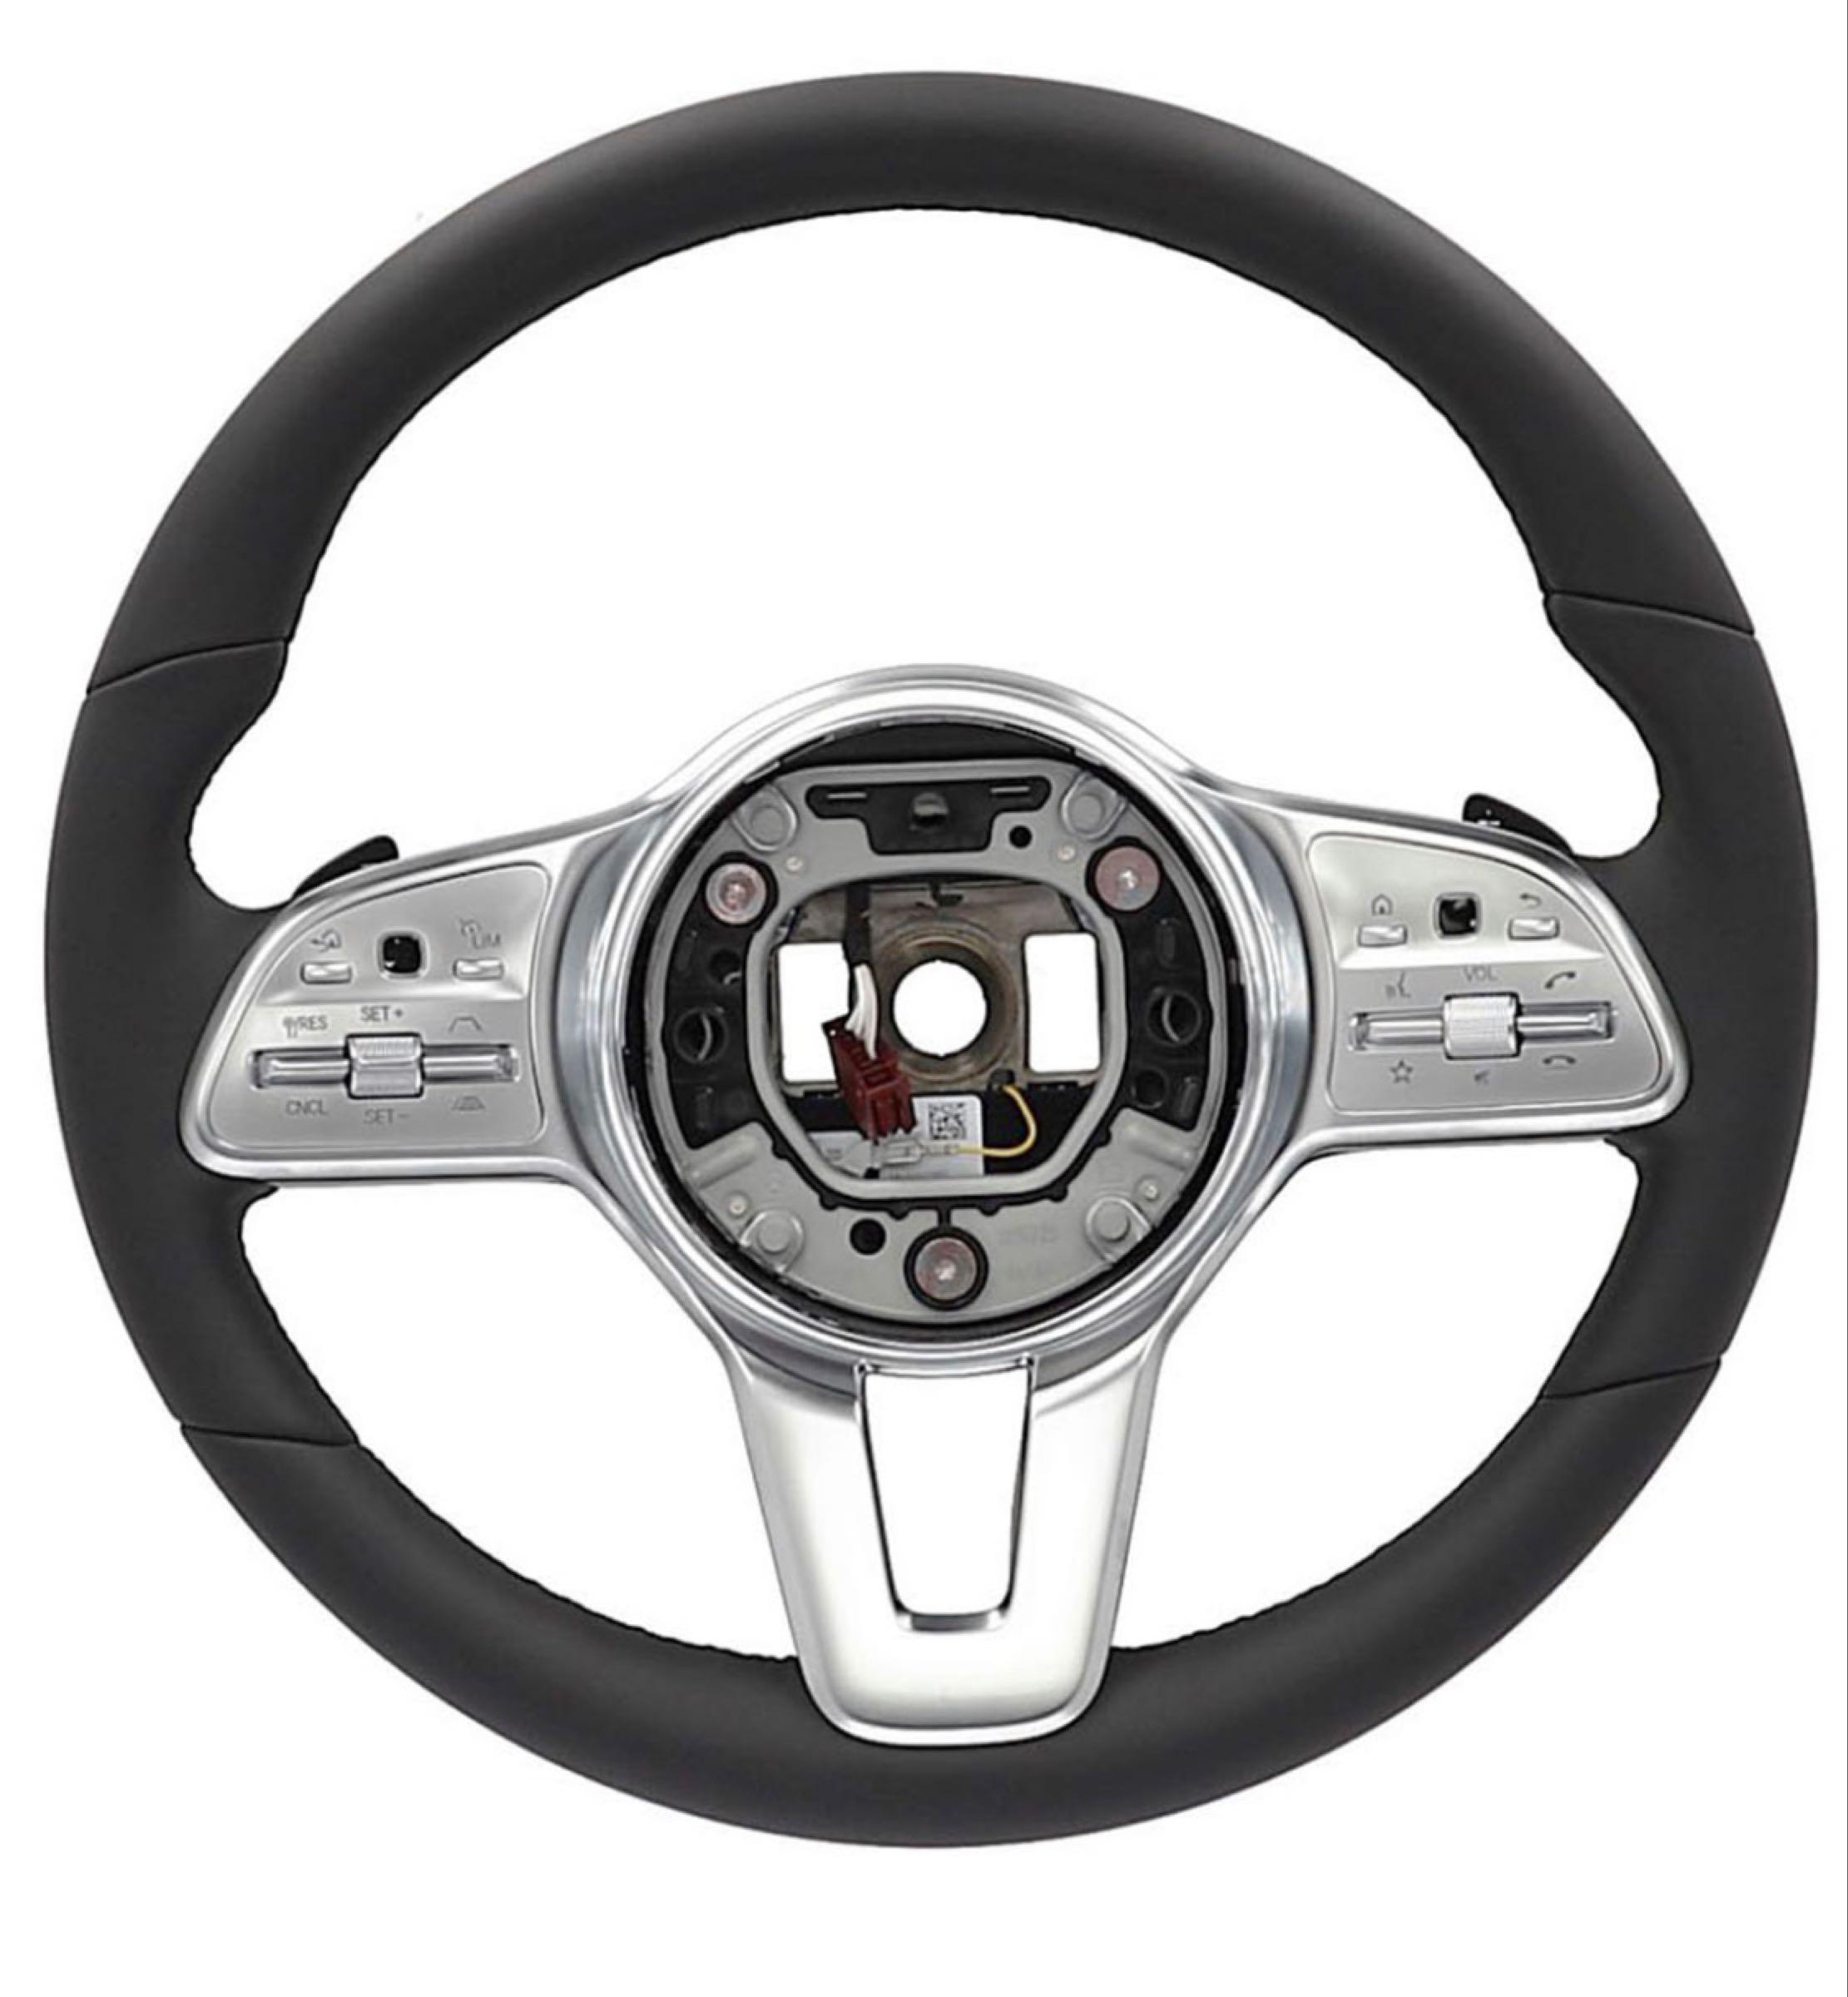 Læderrat u/airbag W/S213 222 - A0004605002